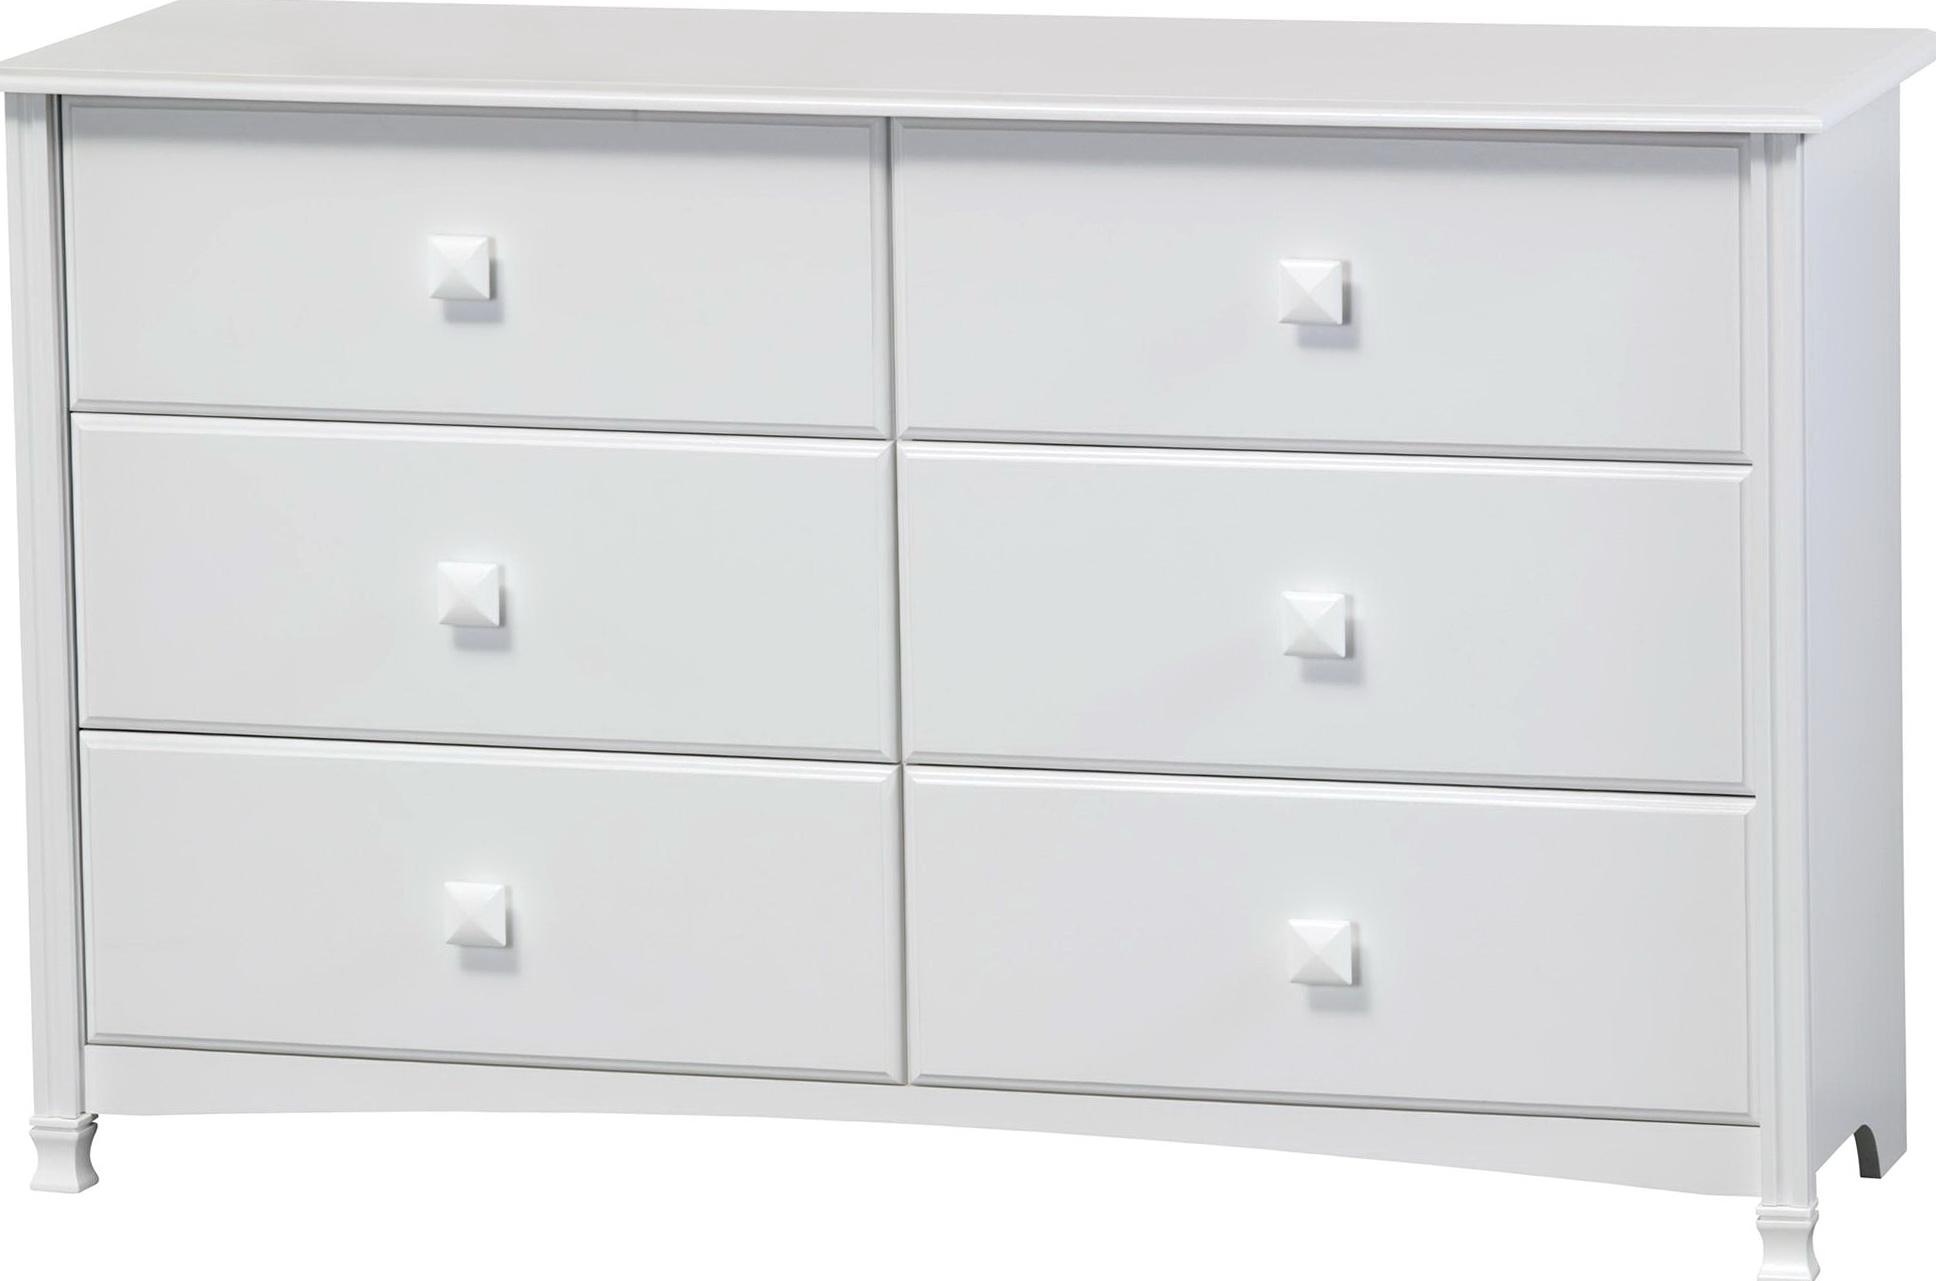 6 Drawer Dresser White Target Bestdressers 2017